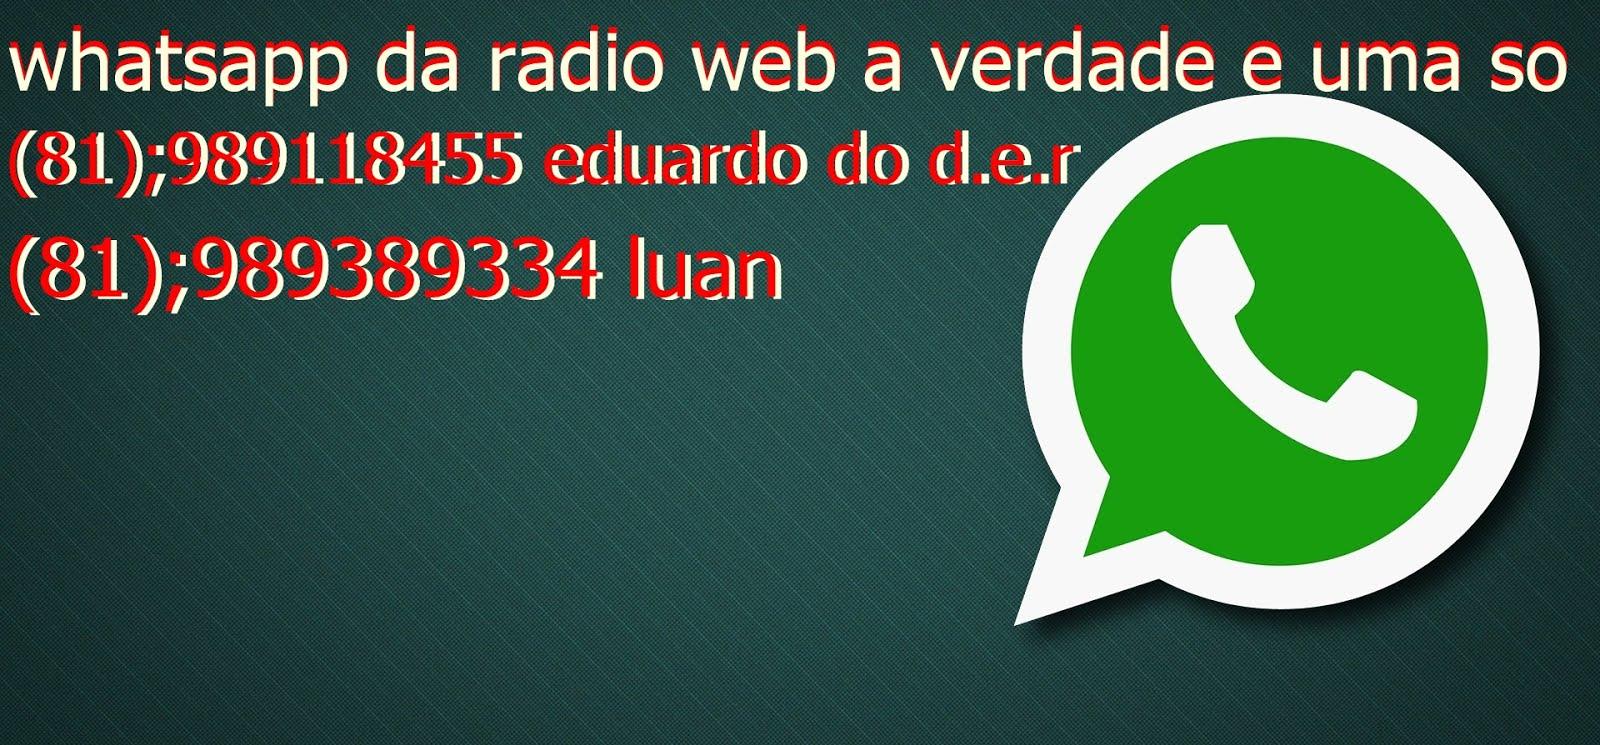 WHATSAPP DA RADIO WEB A VERDADE E UMA SO